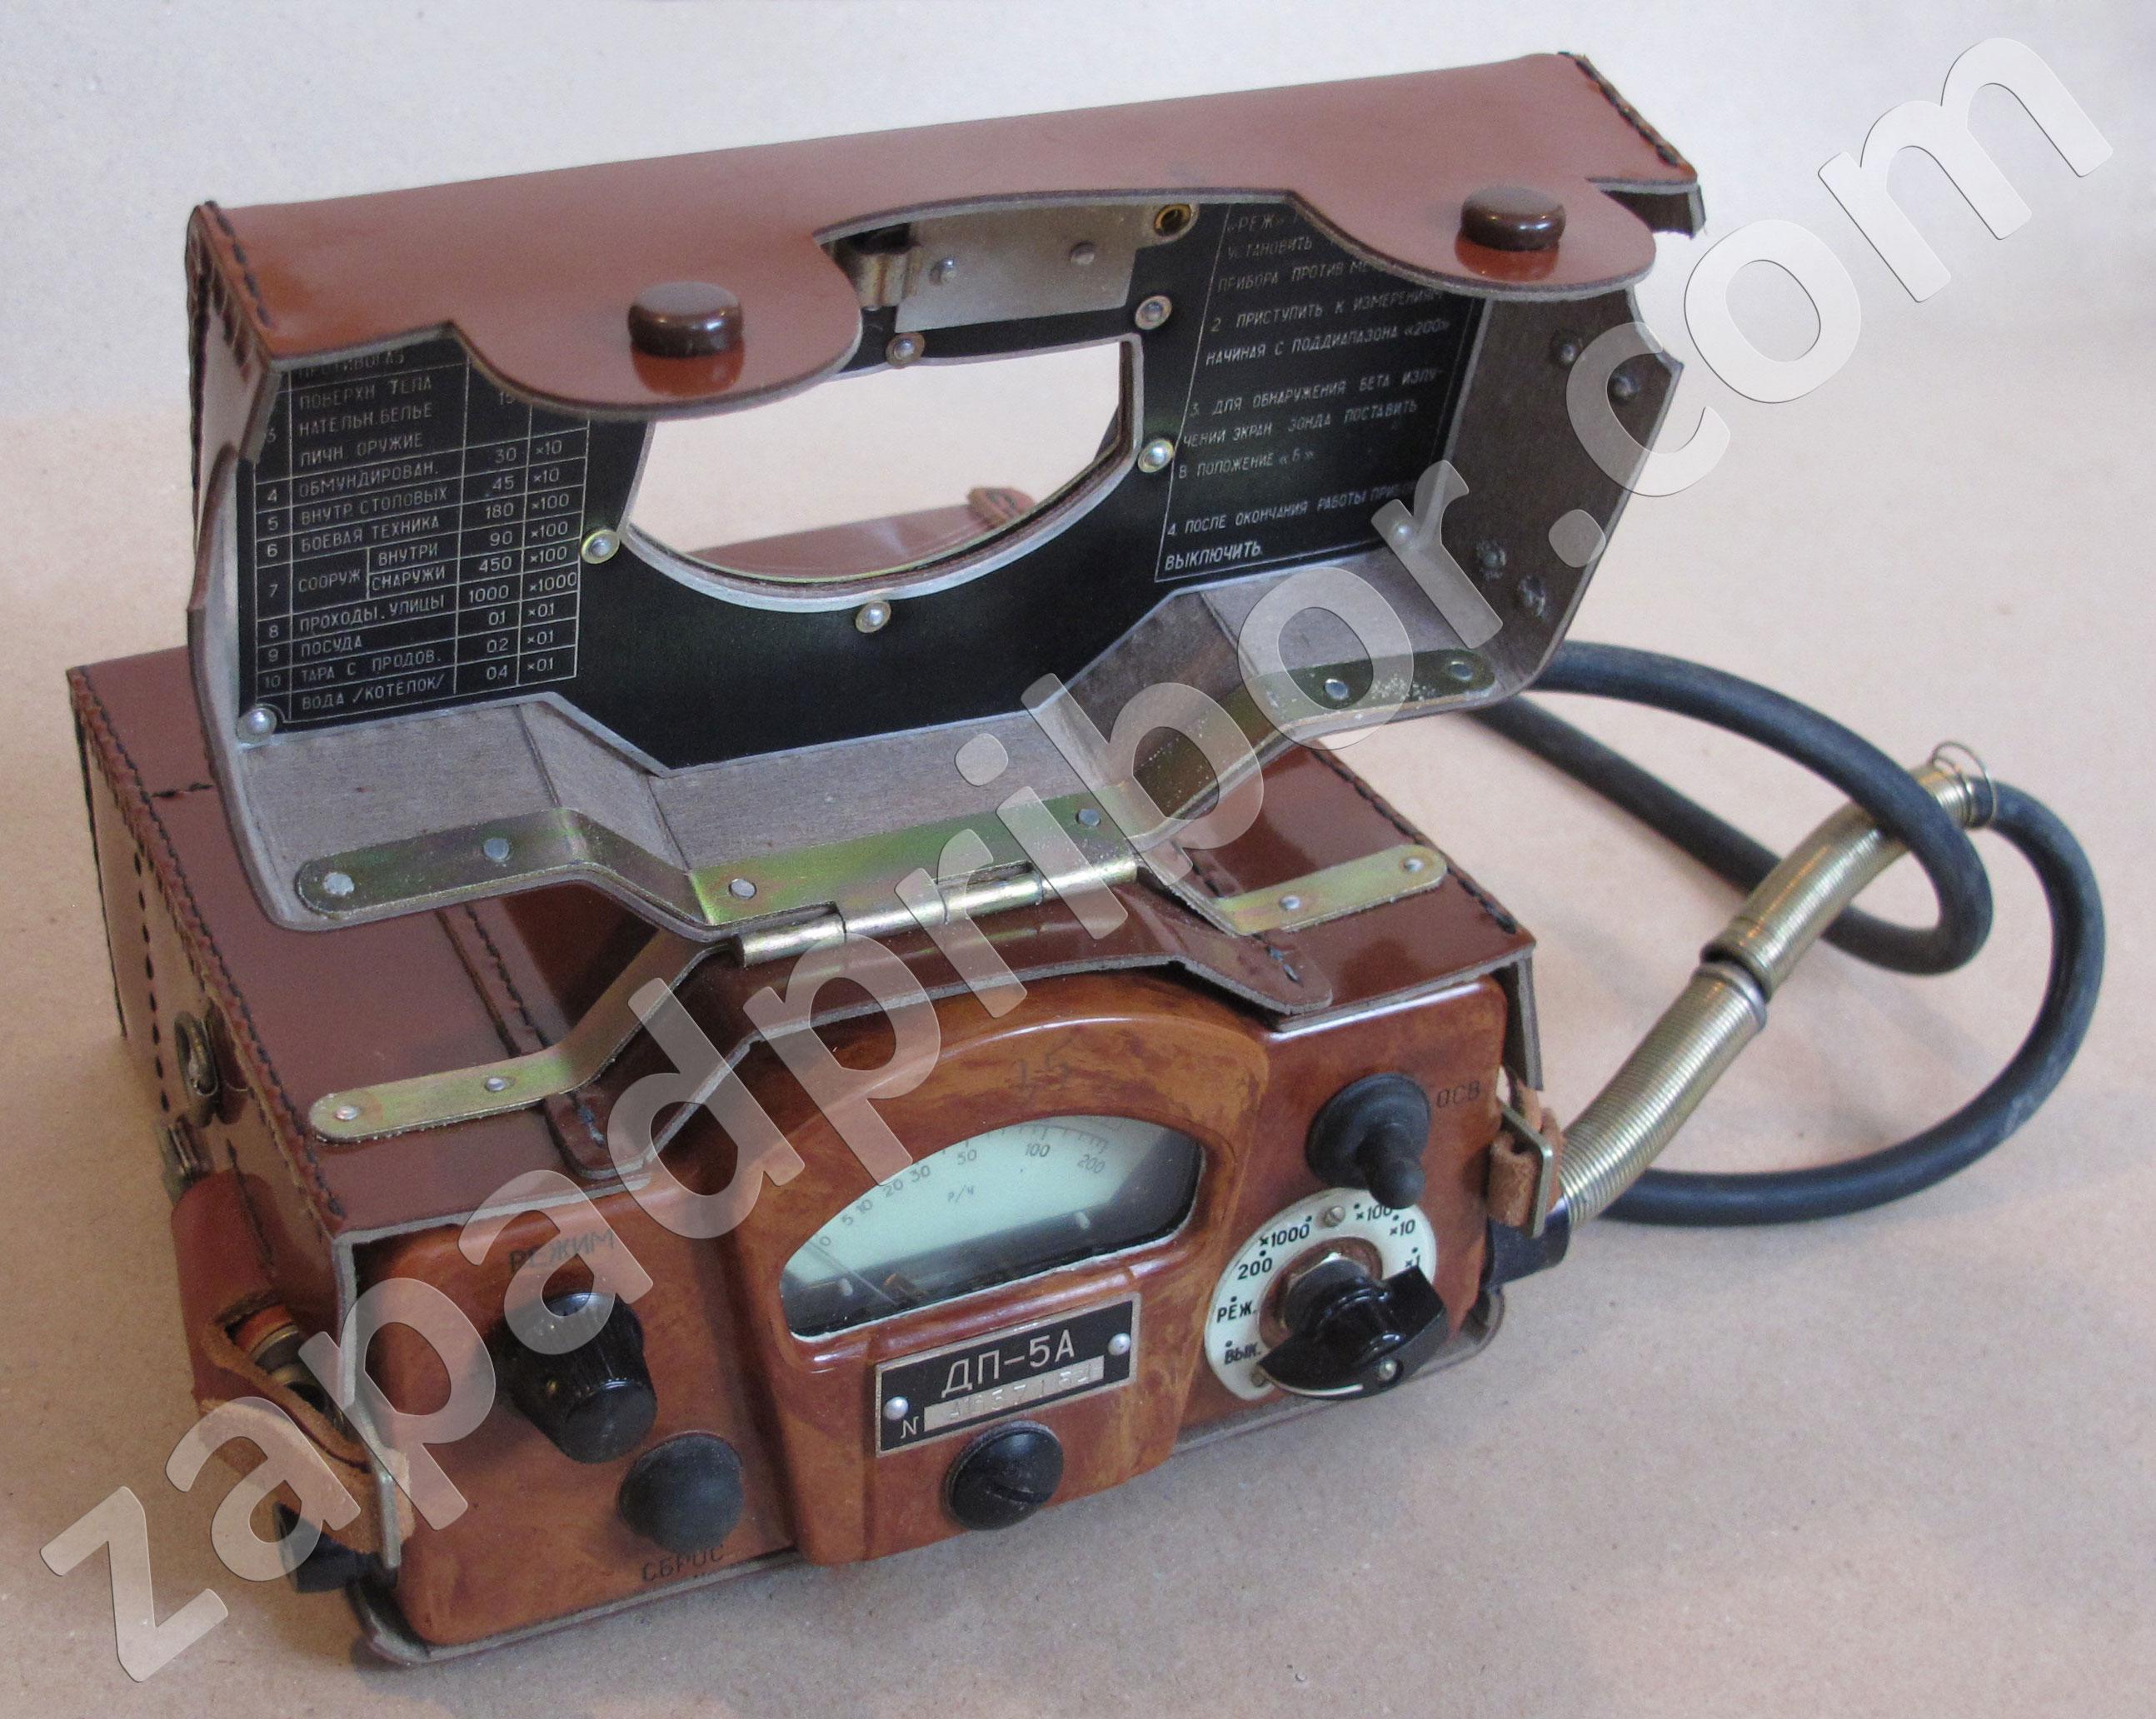 радиометр дп-12 инструкция пользователя